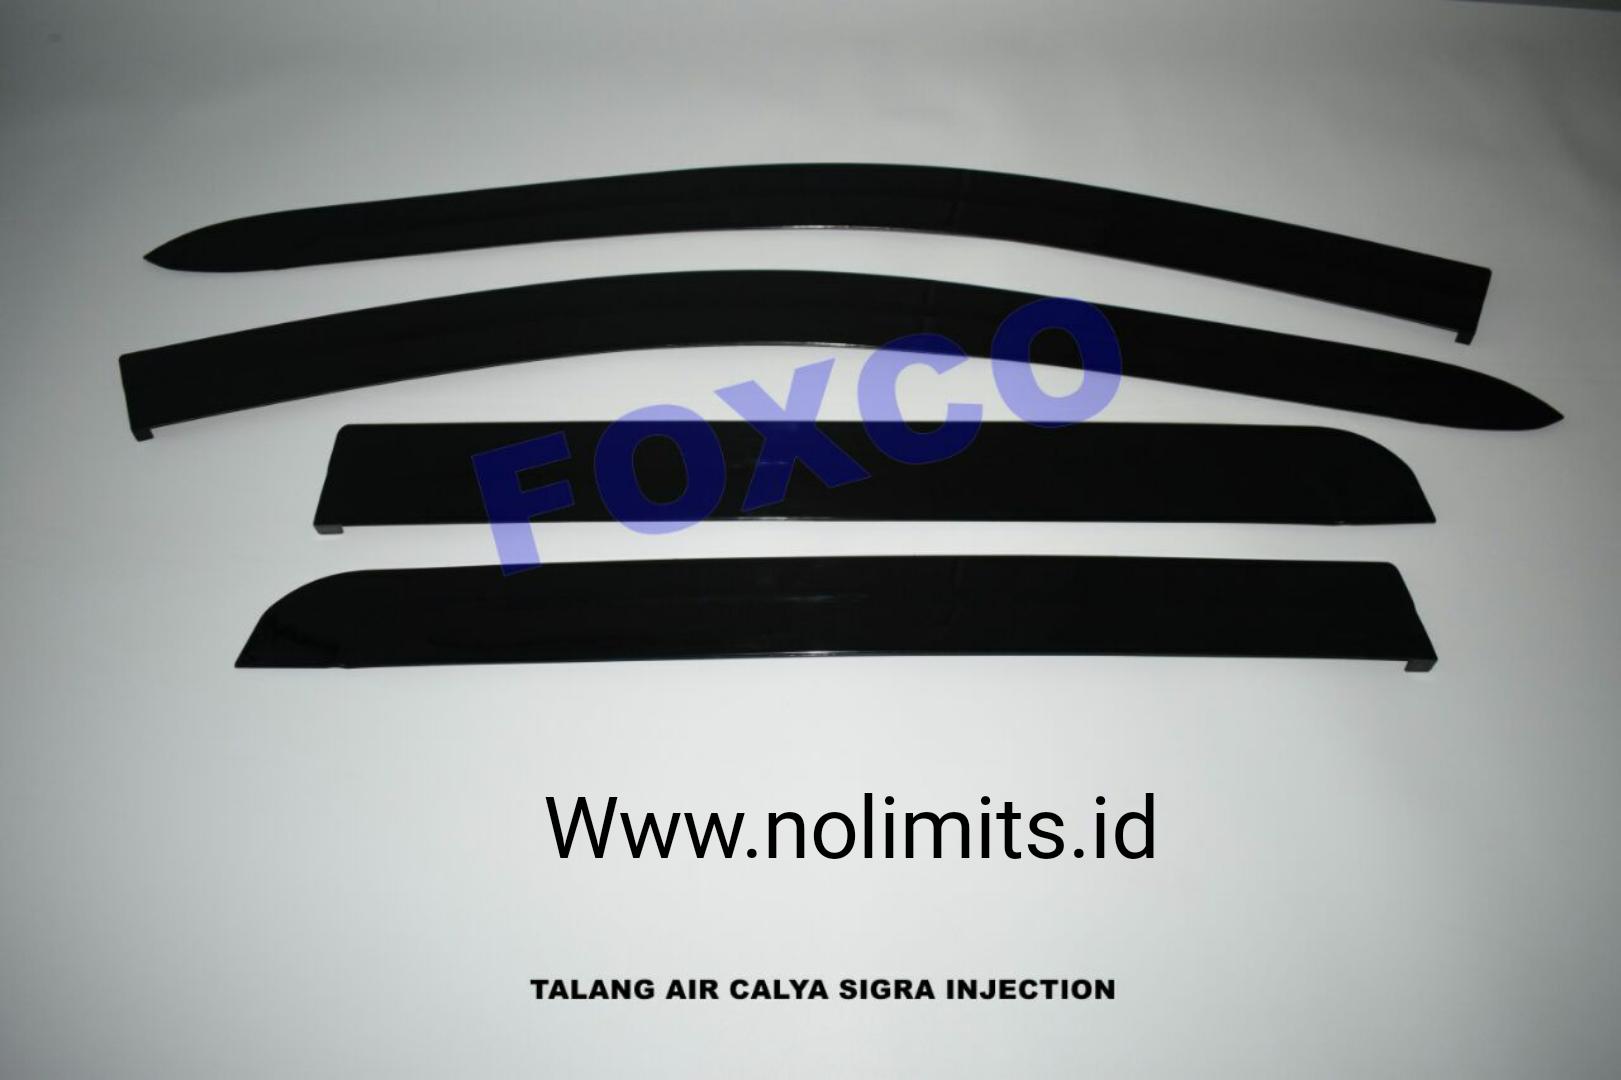 Talang Air Calya Sigra Model Injection No Limits